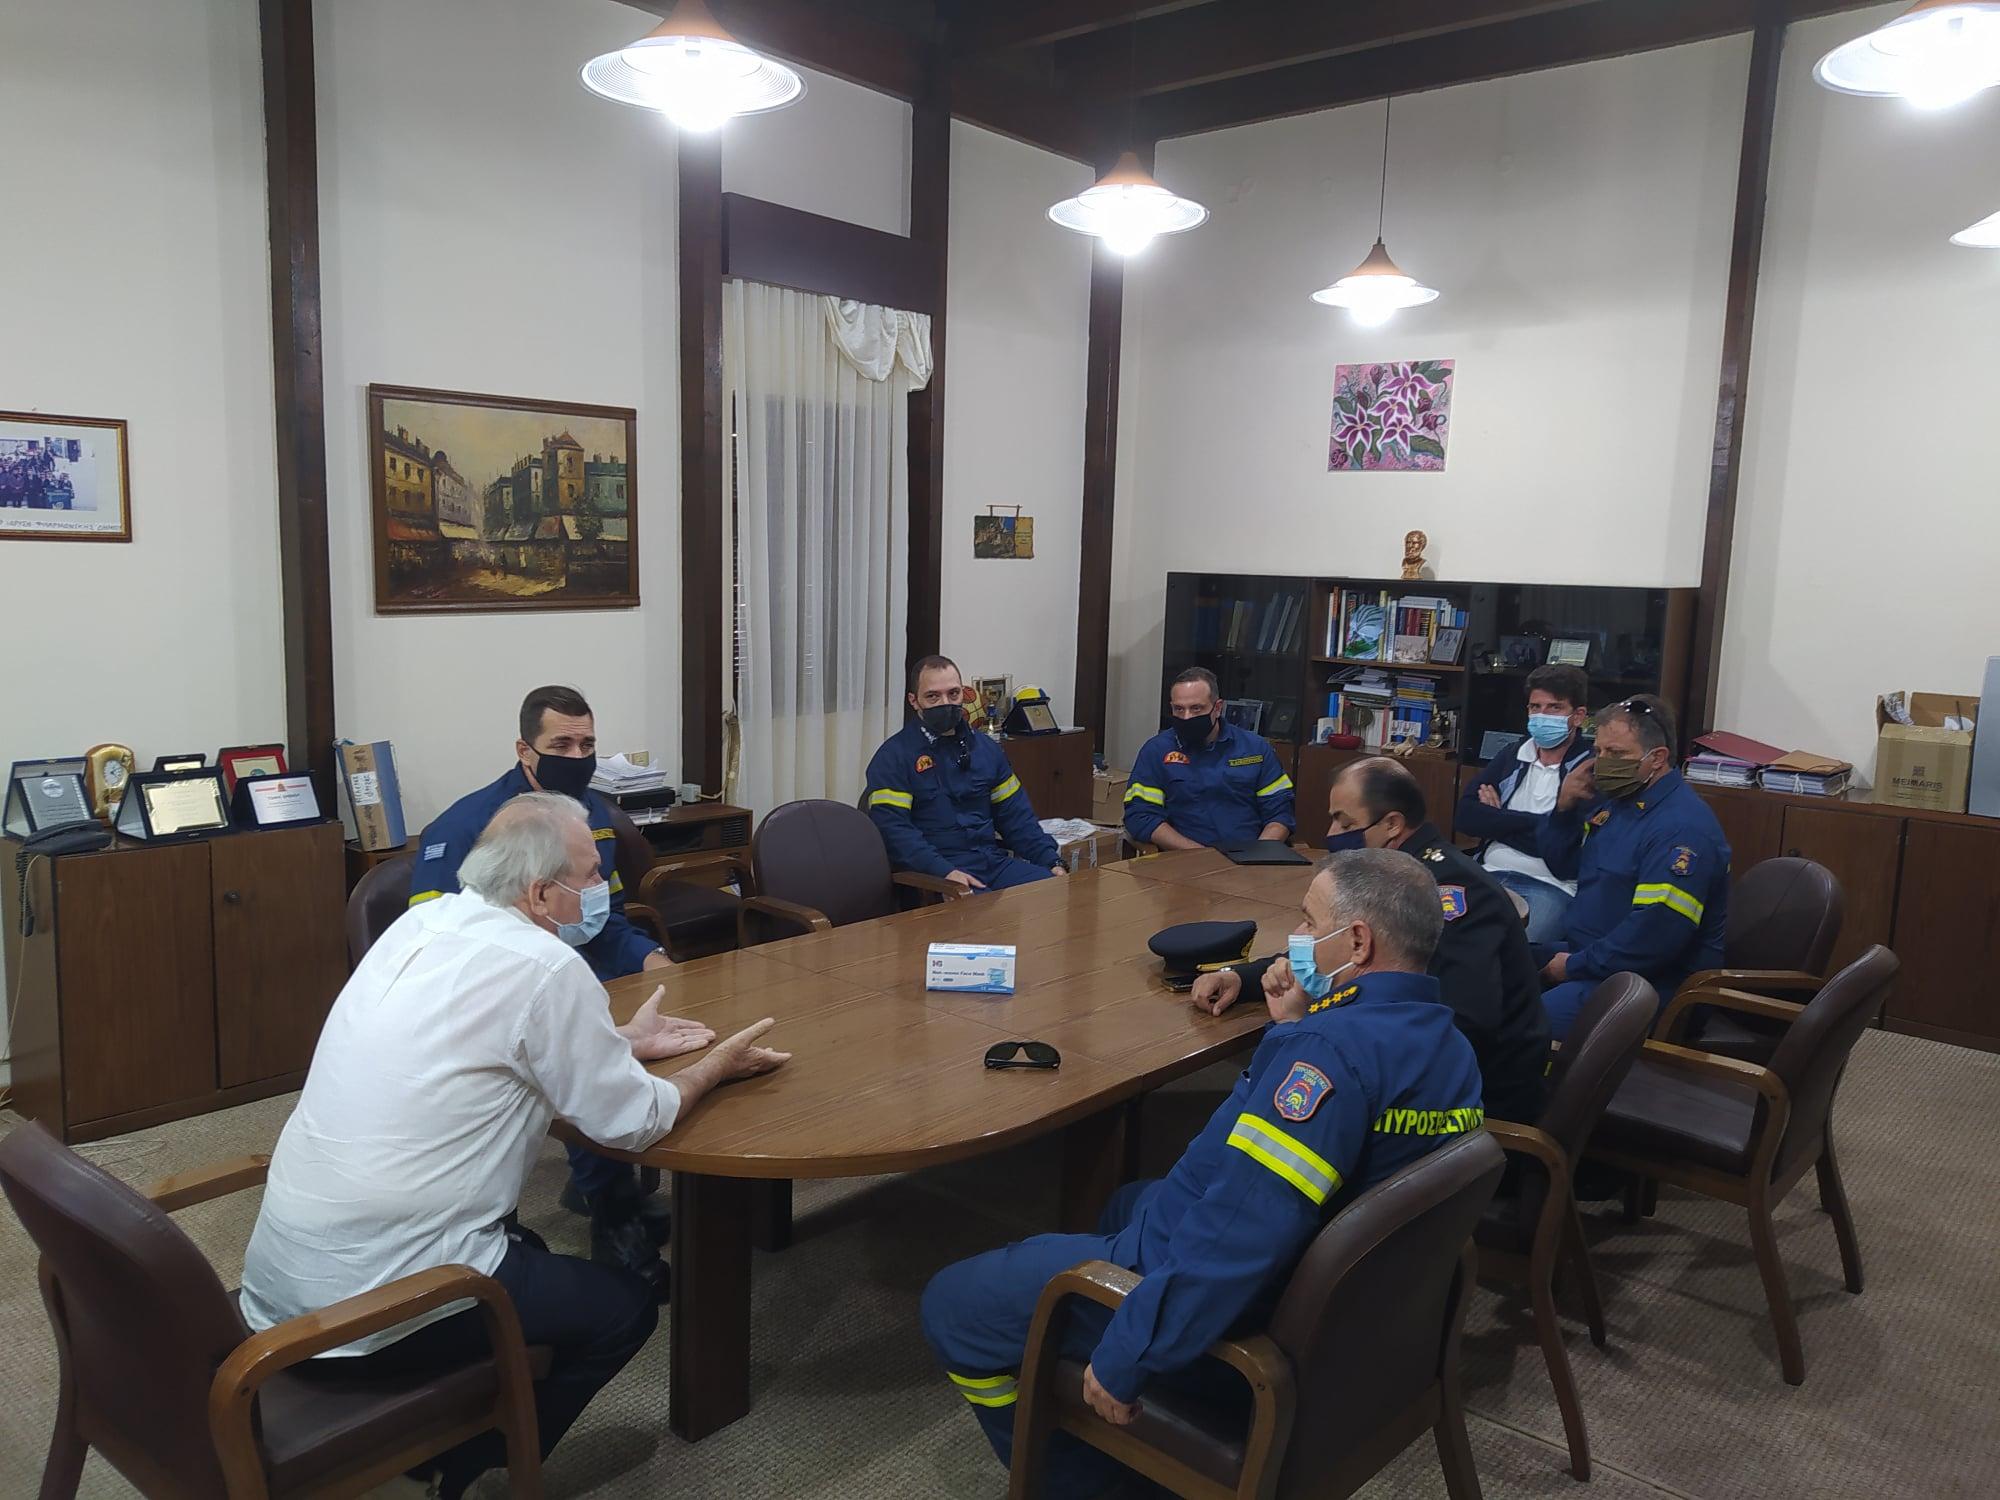 Δήμος Ανδρίτσαινας-Κρεστένων: Προς δημιουργία μόνιμου πυροσβεστικού κλιμακίου στην περιοχή Ανδρίτσαινας- Συνάντηση στελεχών της Πυροσβεστικής με το δήμαρχο Σ. Μπαλιούκο